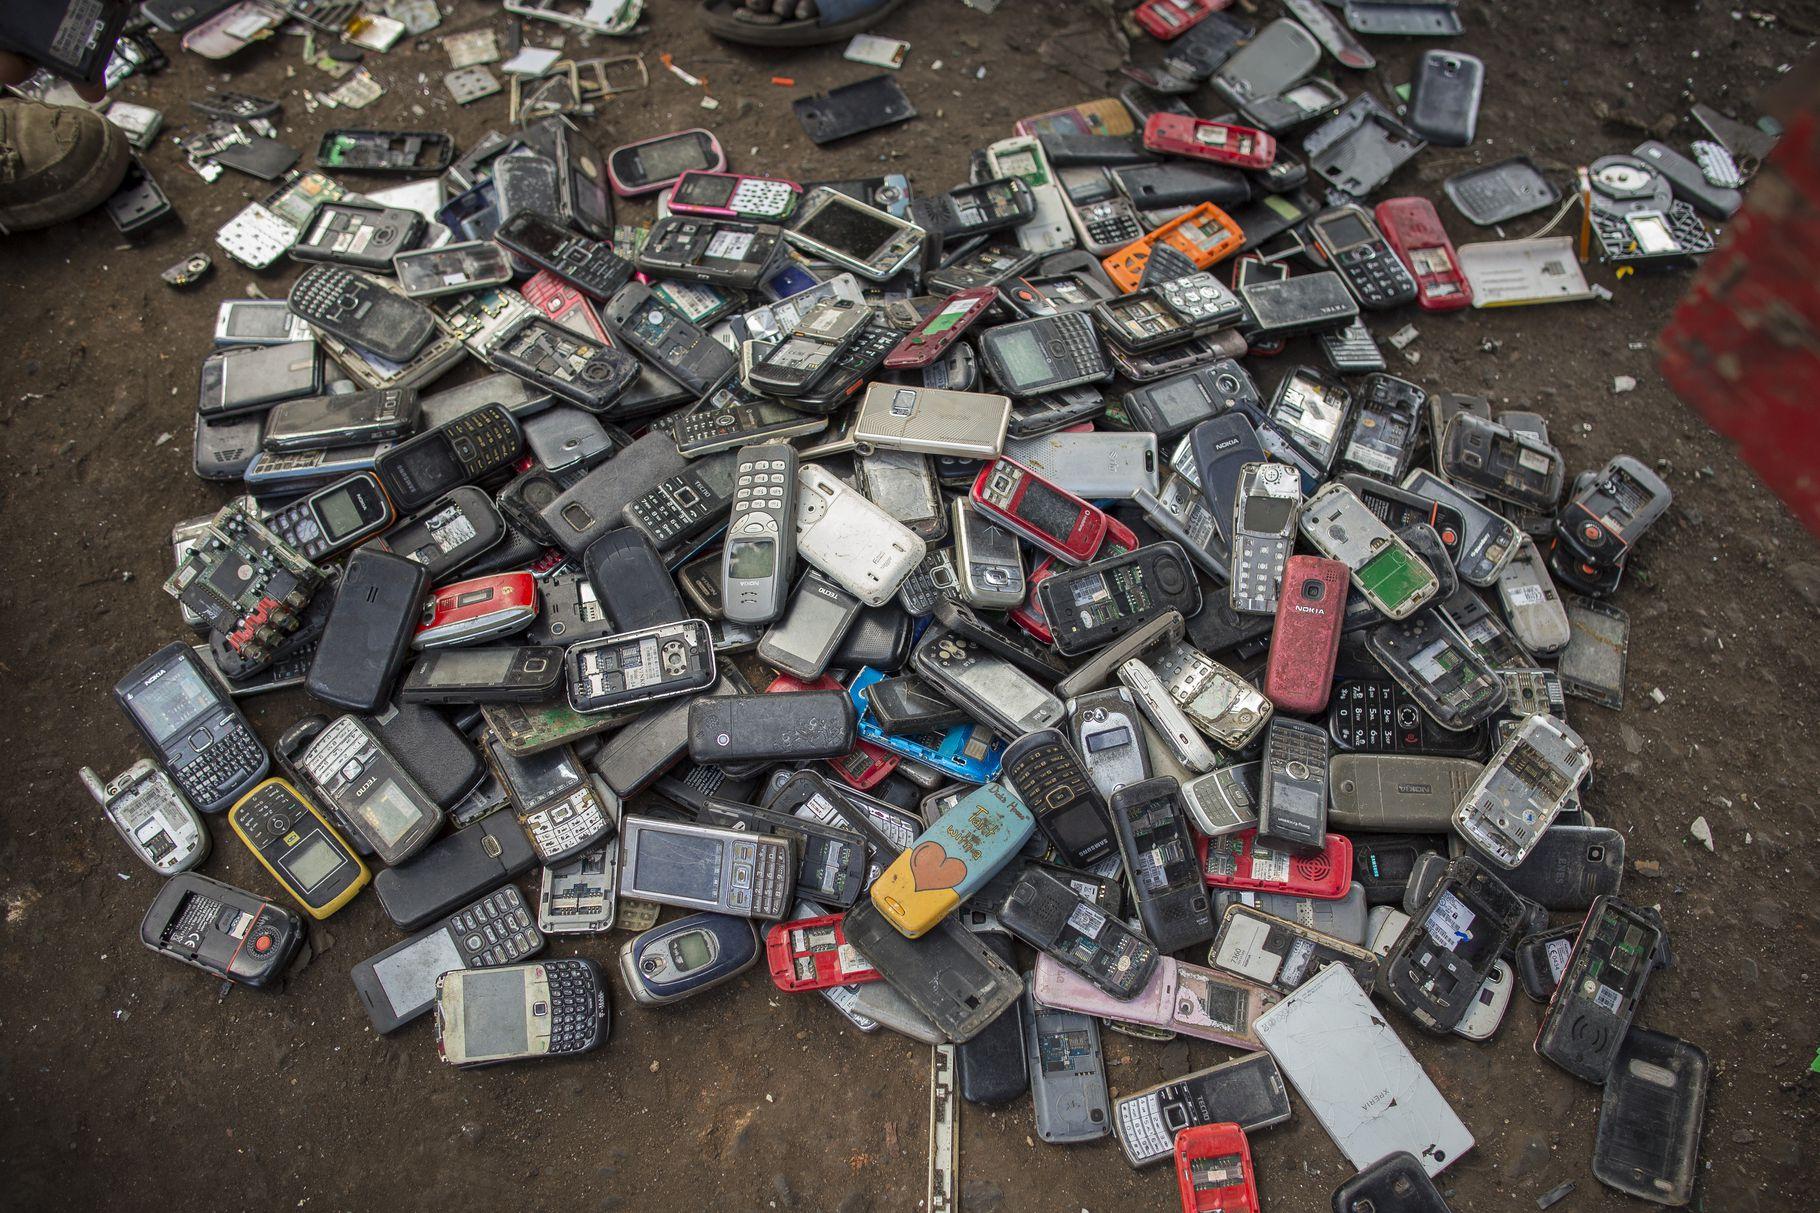 ¿Se reciclan realmente los móviles que tiramos a la basura?